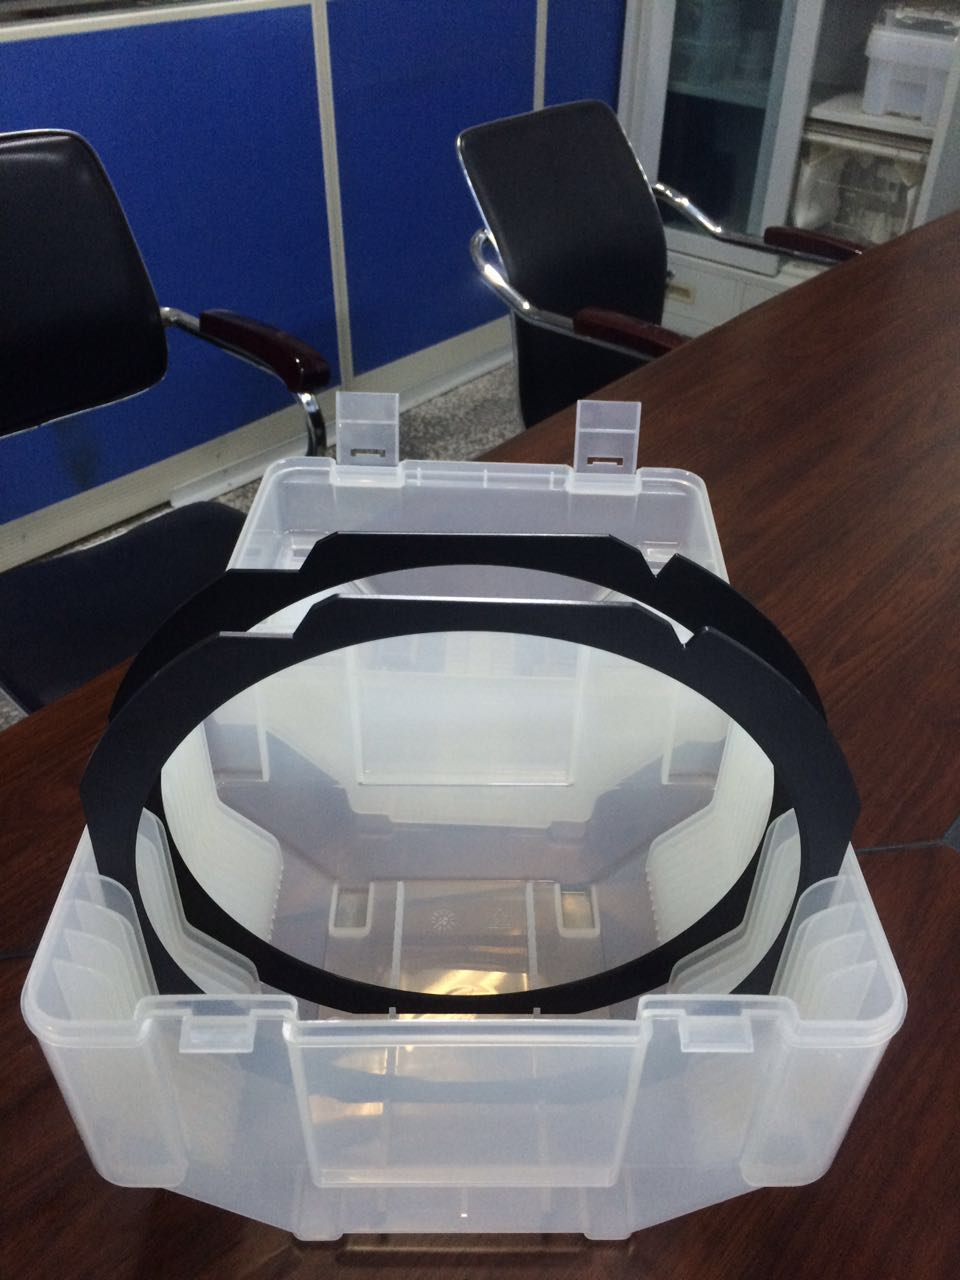 Film Frames box,wafer wafer frames,Shippers - Film Frames / Wafer Saw Frames